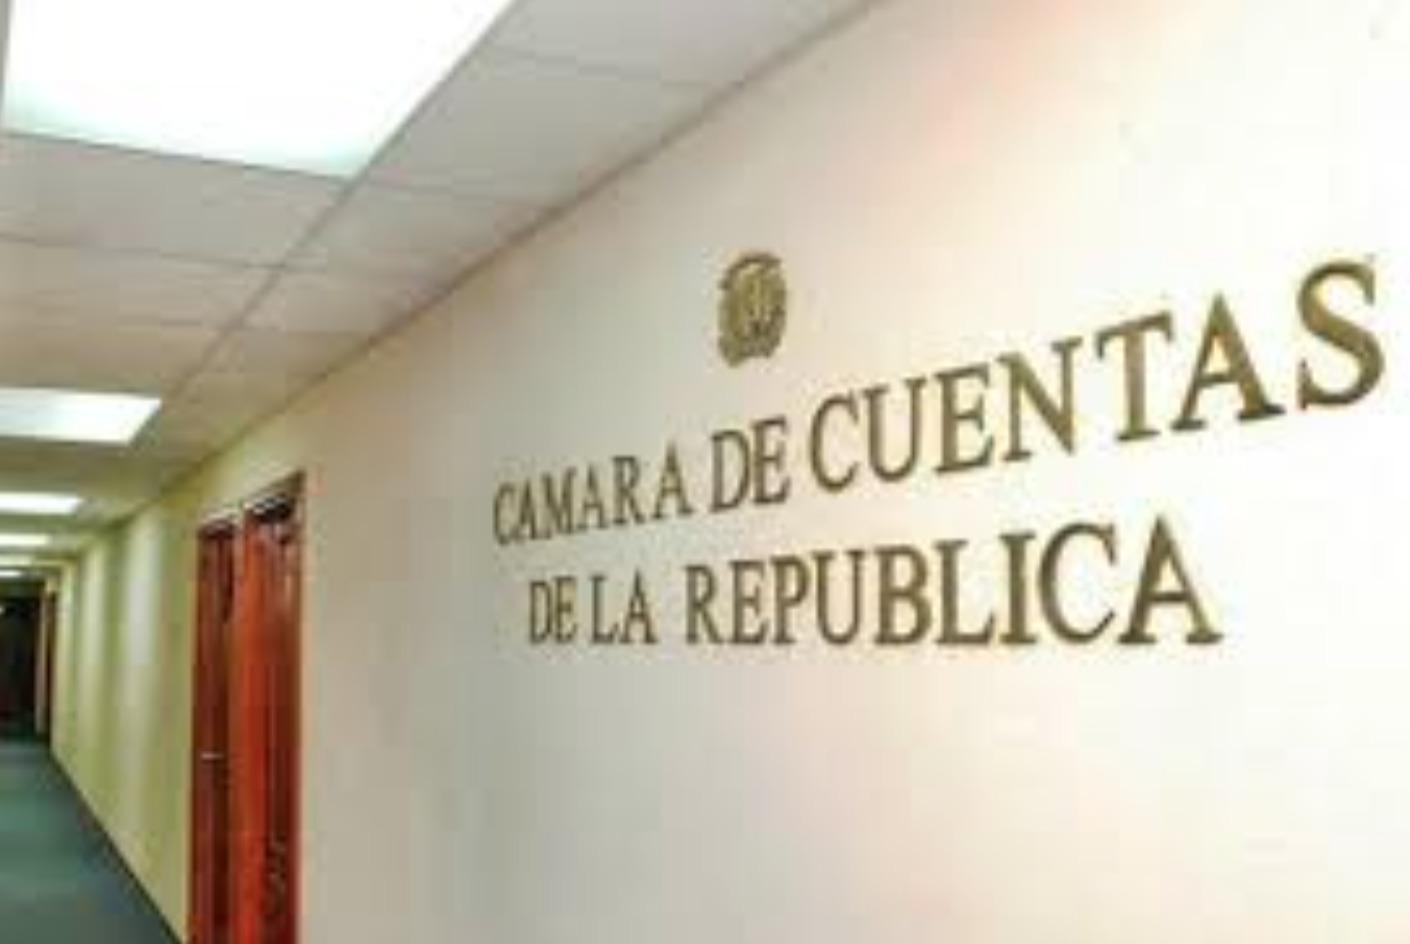 Cámara de Cuentas